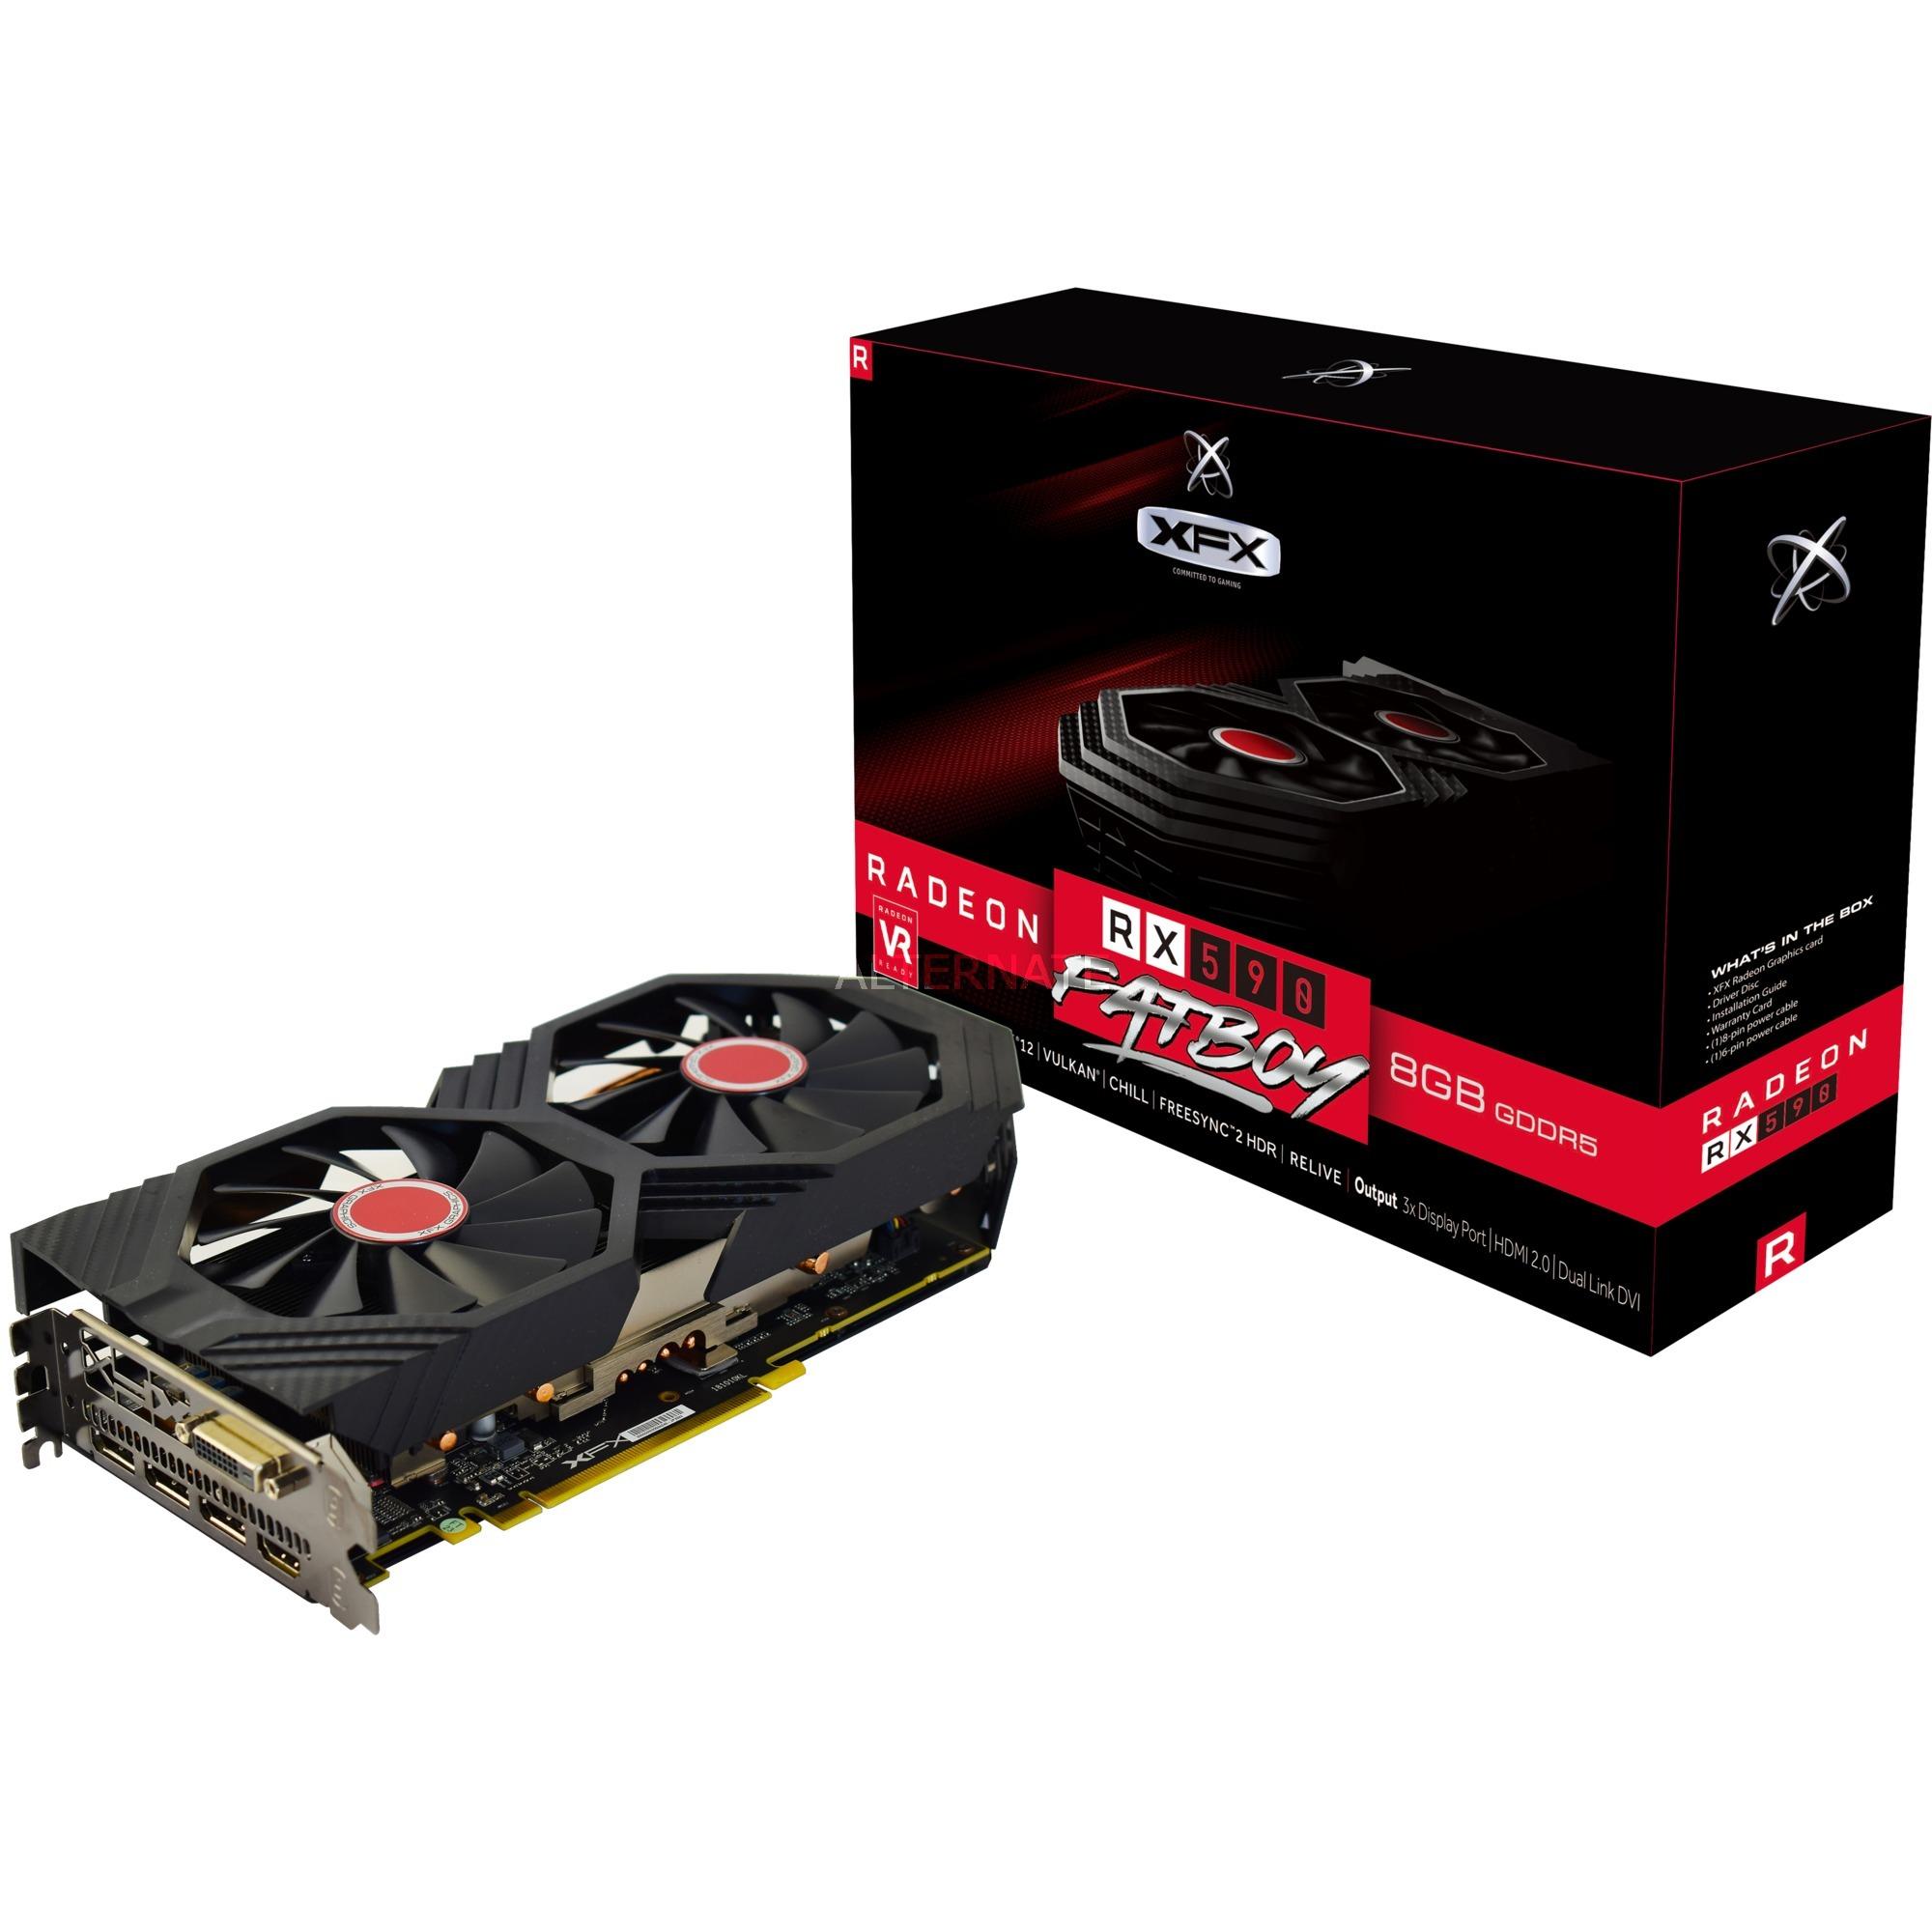 RX-590P8DFD6 tarjeta gráfica Radeon RX 590 8 GB GDDR5